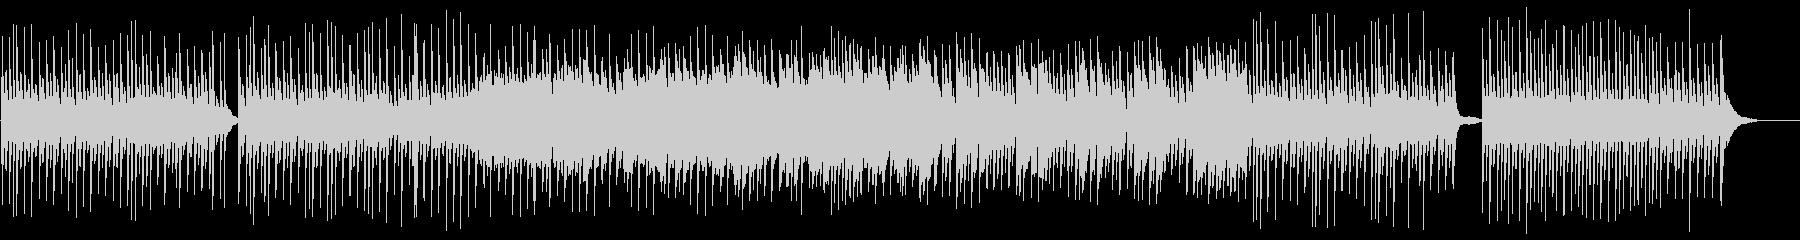 ピアノによるヒーリングミュージックの未再生の波形